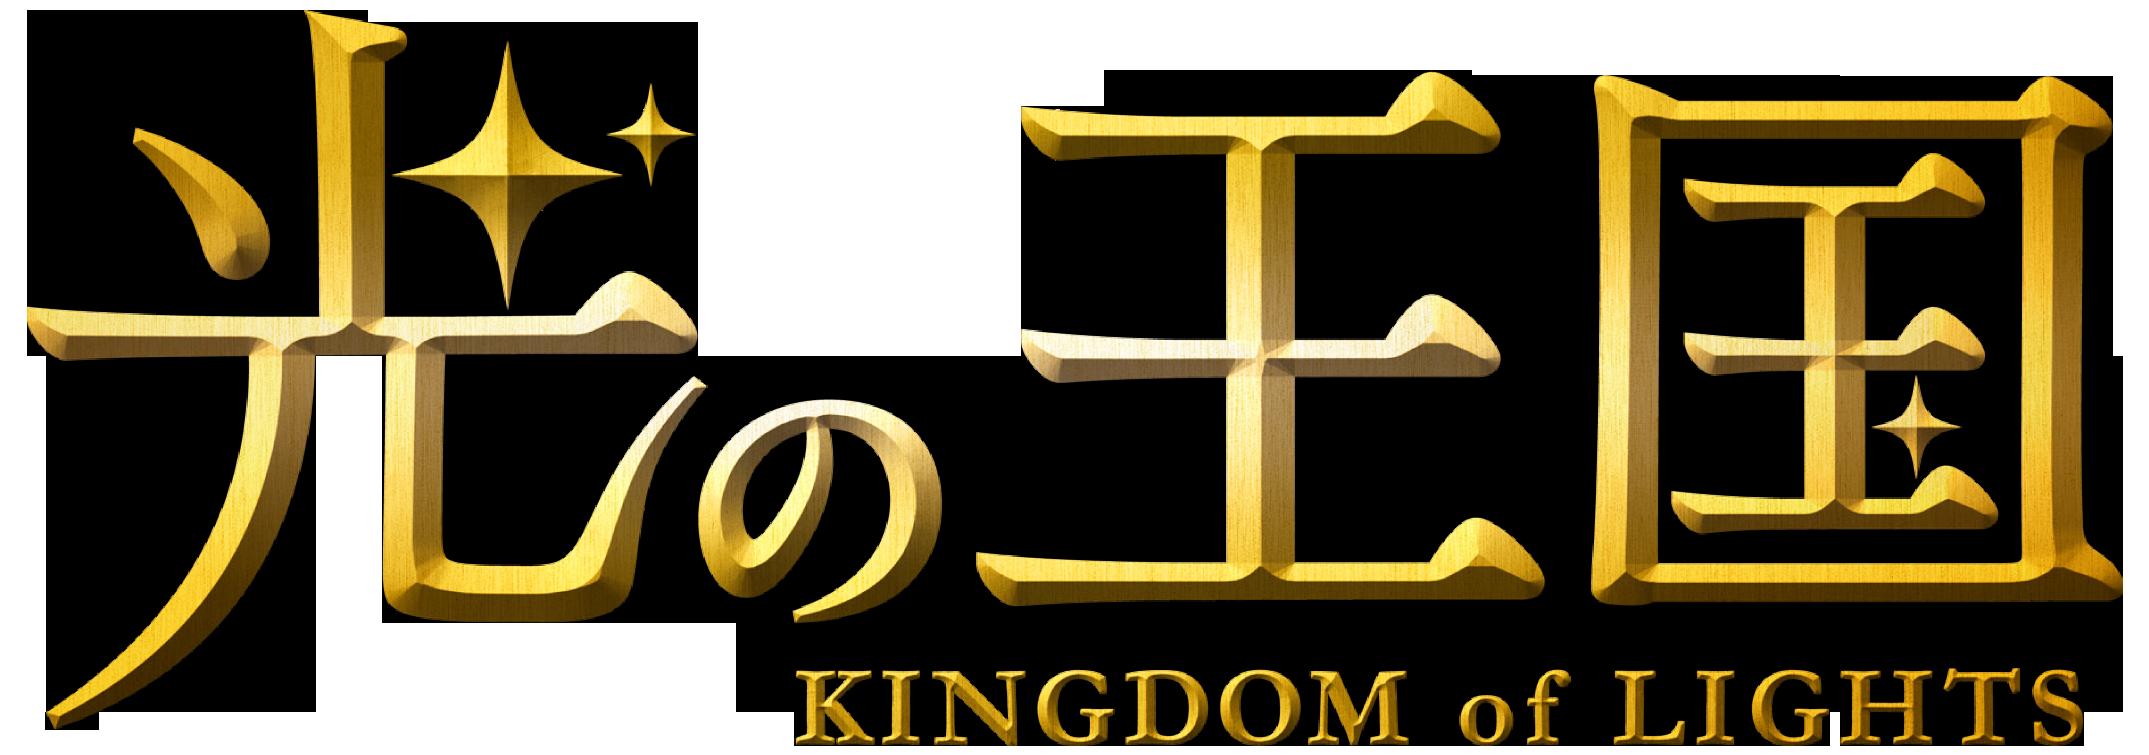 光の王国|イベント&ニュース|ハウステンボスリゾート